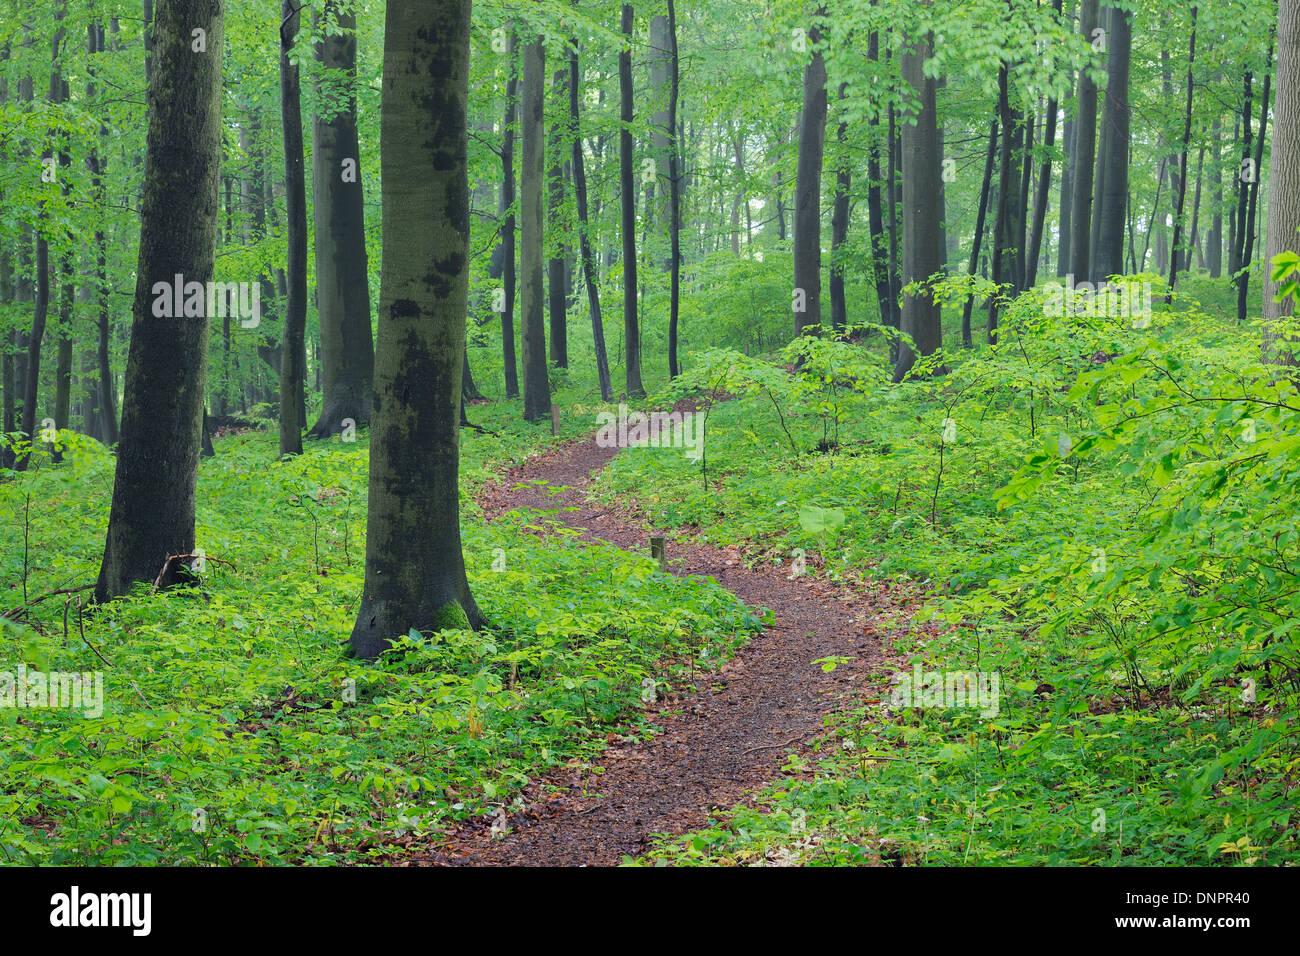 Sentier au printemps forêt de hêtres avec feuillage vert luxuriant. Parc national du Hainich, Thuringe, Allemagne. Banque D'Images